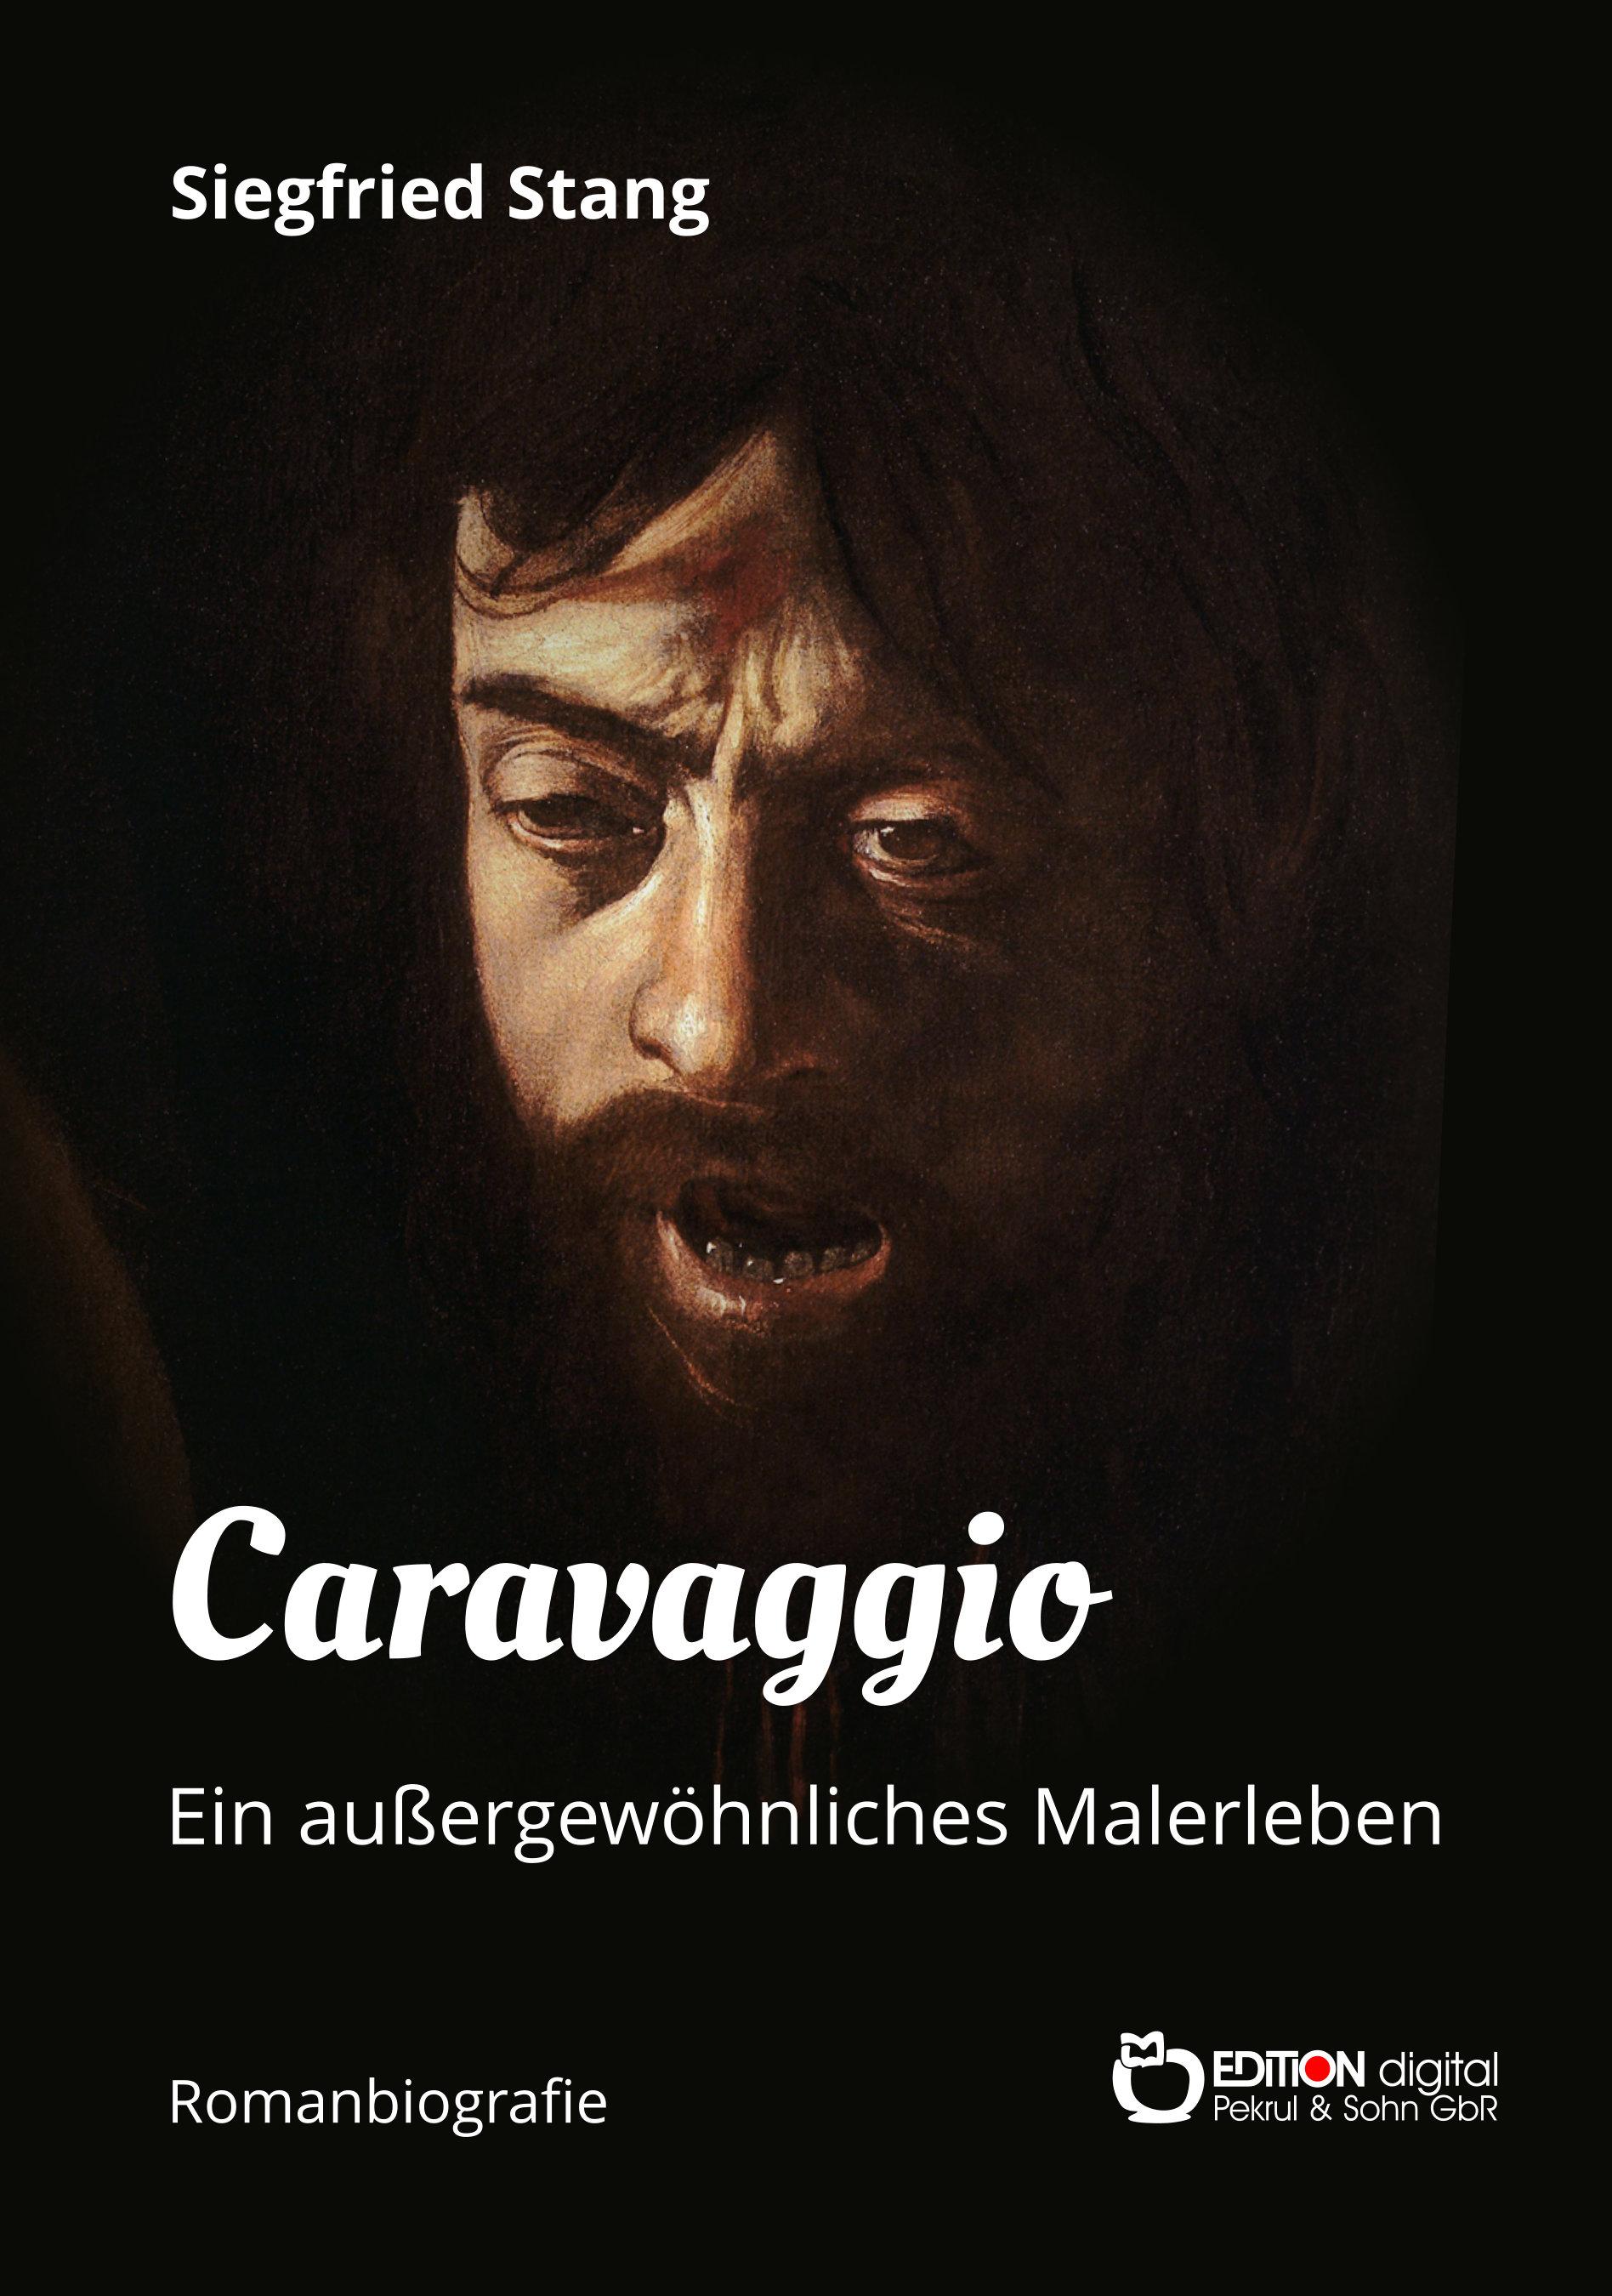 Caravaggio - Ein außergewöhnliches Malerleben. Romanbiografie von Siegfried Stang